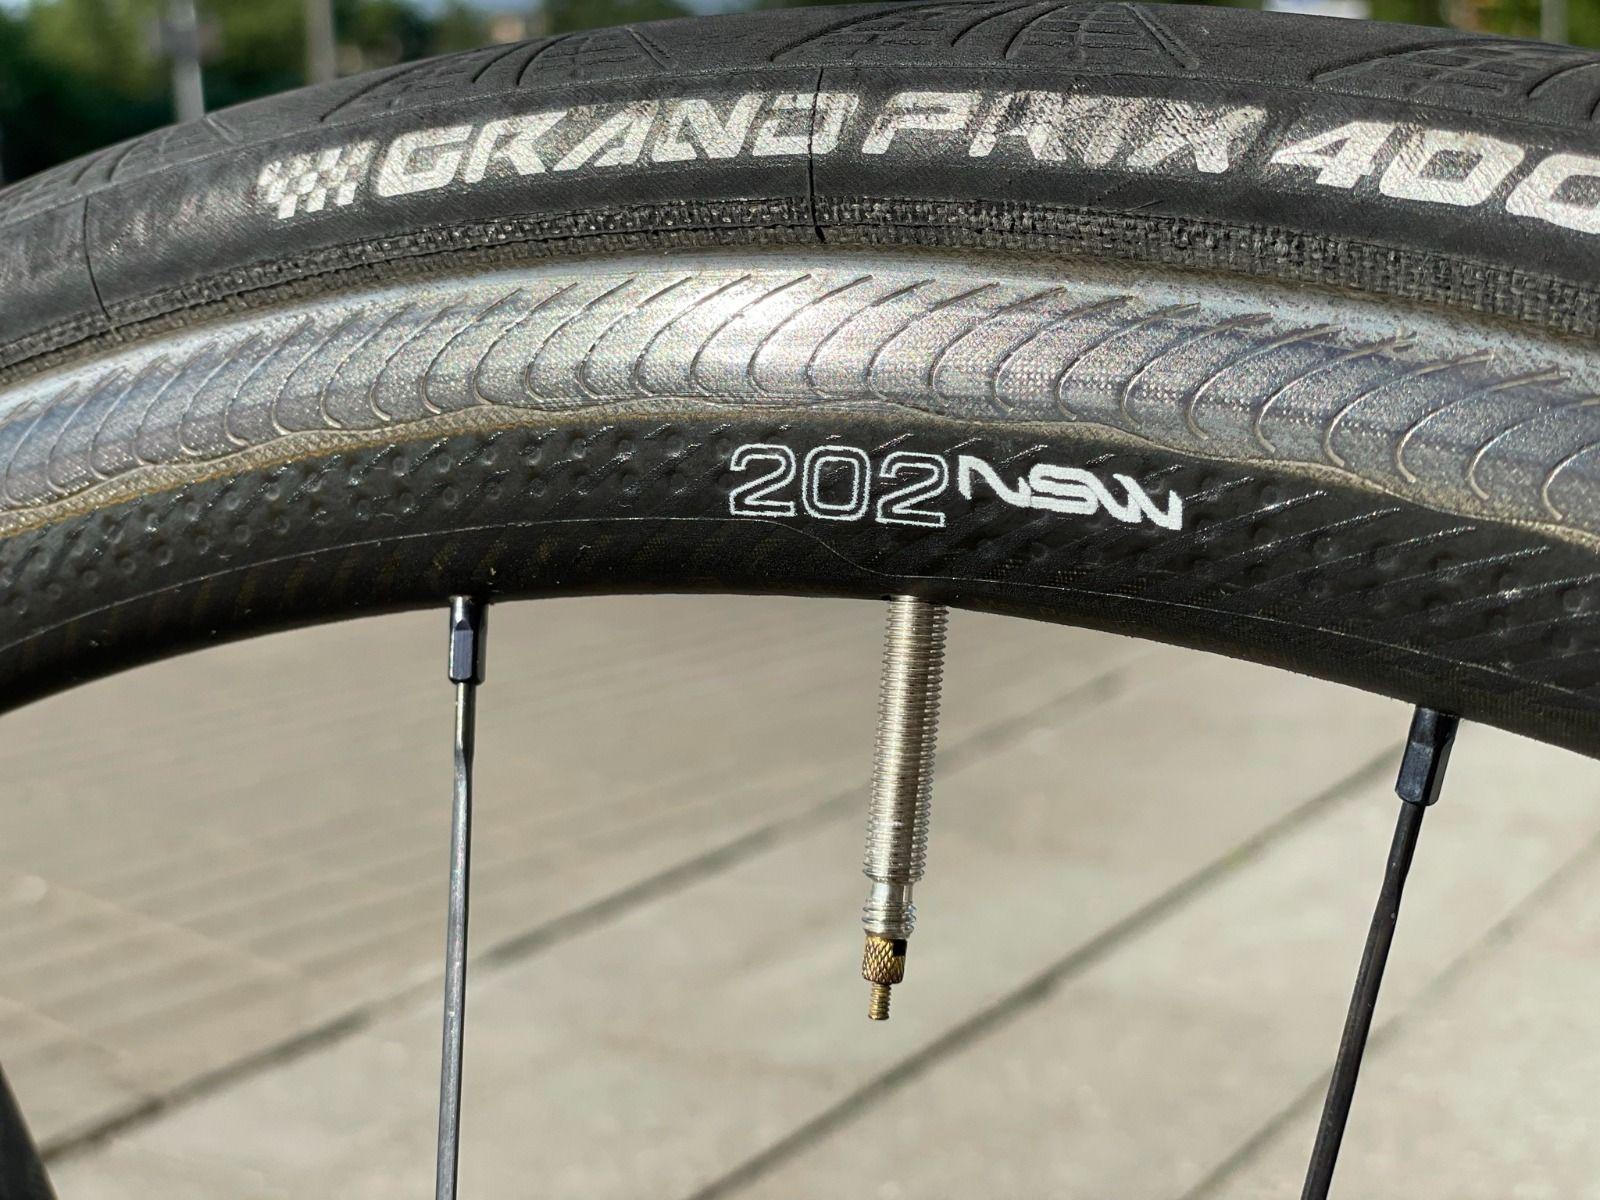 карбоновые колеса Zipp 202 NSW (высшая линейка Zipp) 1,375 гр. Клинчер.